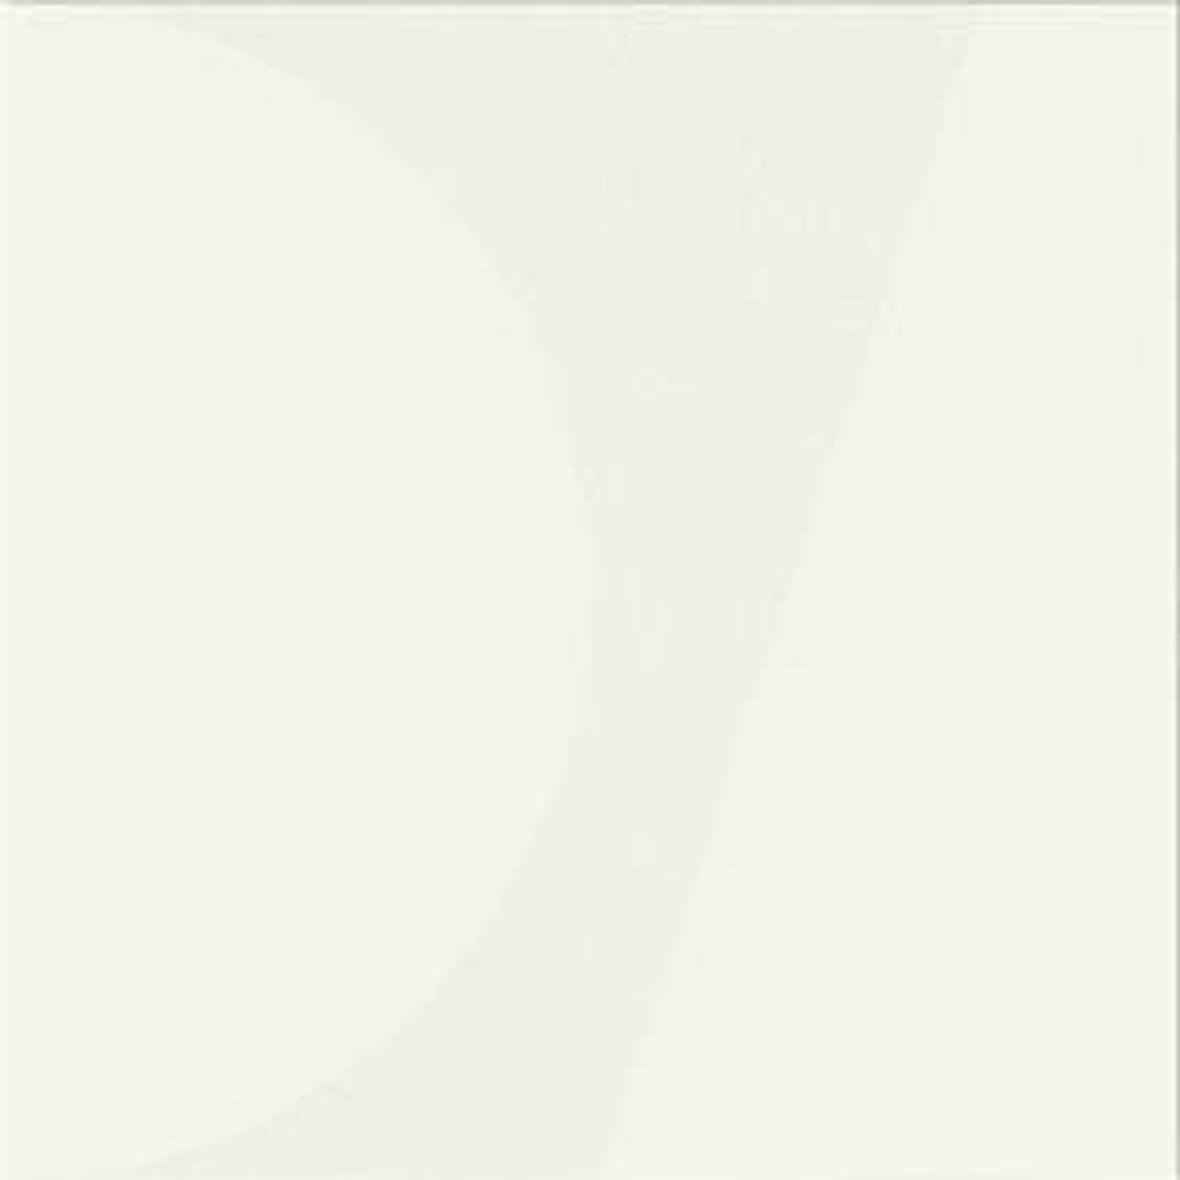 MONOBLOCK WHITE MATT GEO B 20X20 G1